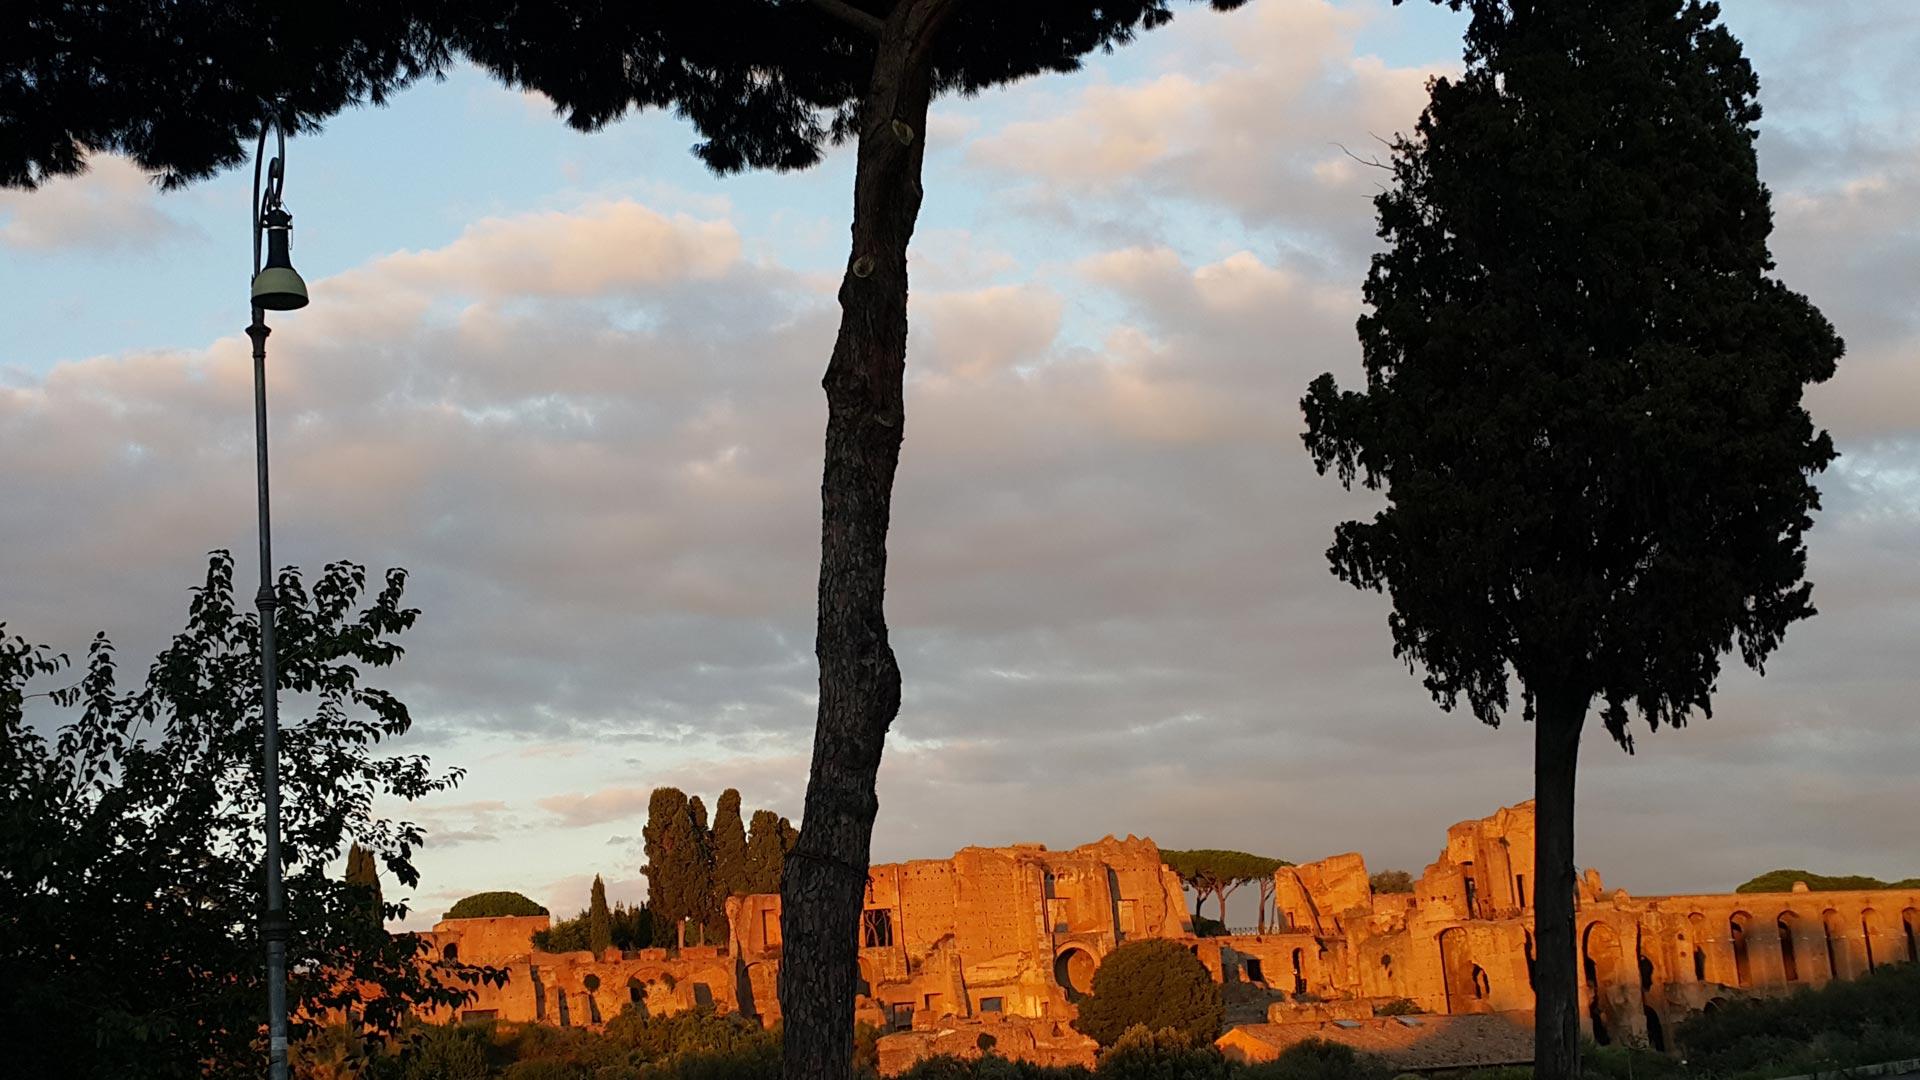 forum-romain01